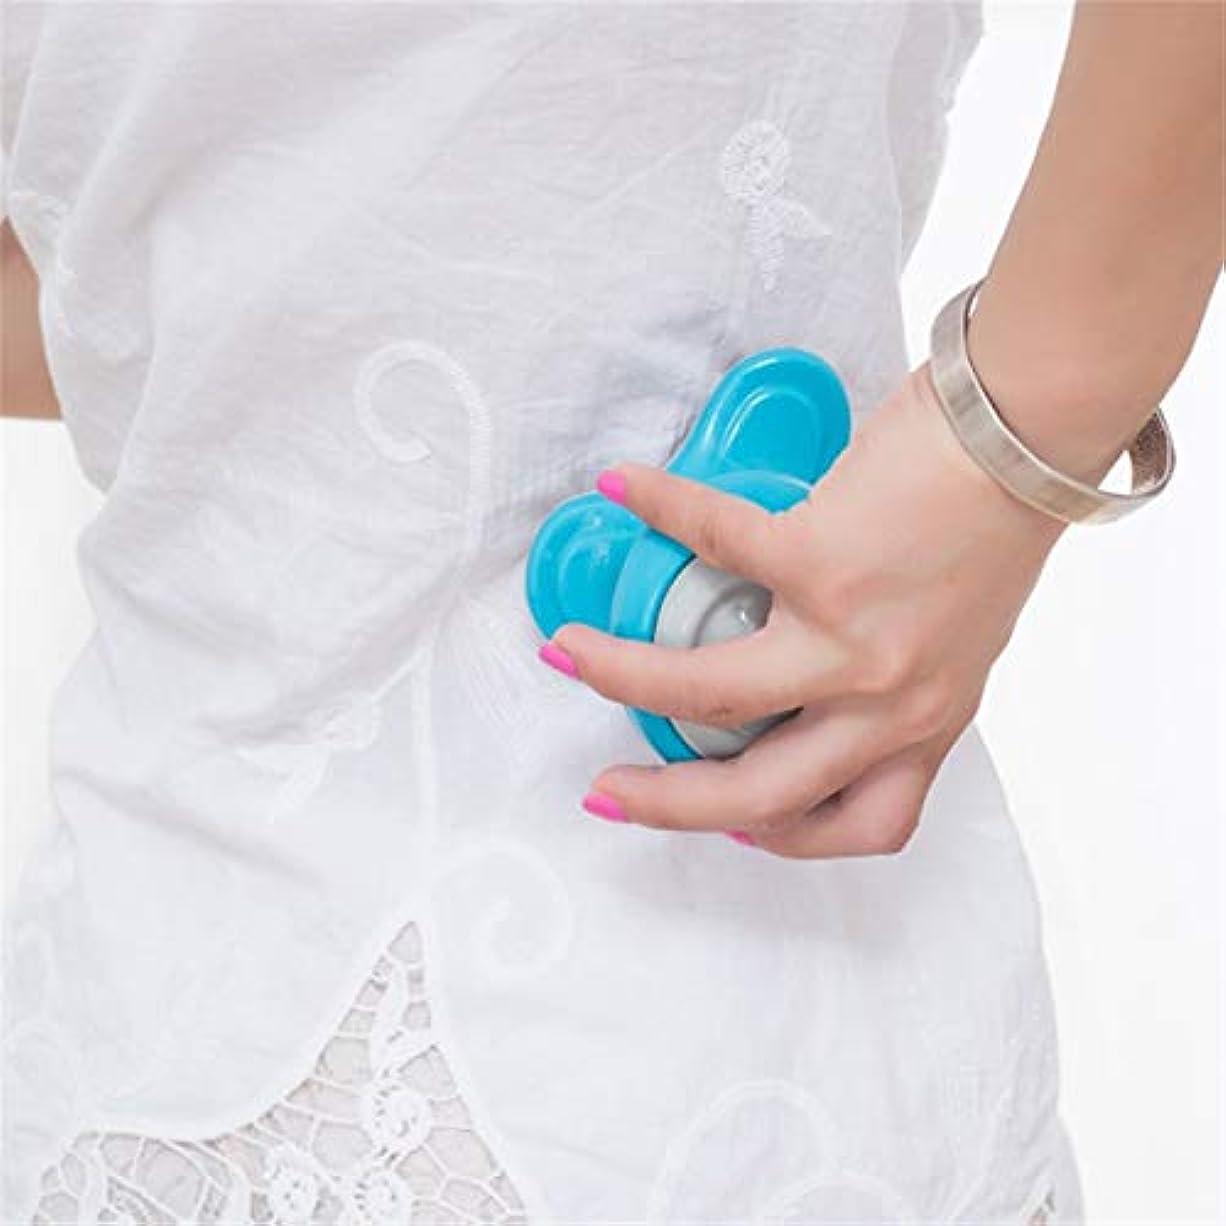 該当するドレスパニックMini Electric Handled Wave Vibrating Massager USB Battery Full Body Massage Ultra-compact Lightweight Convenient...